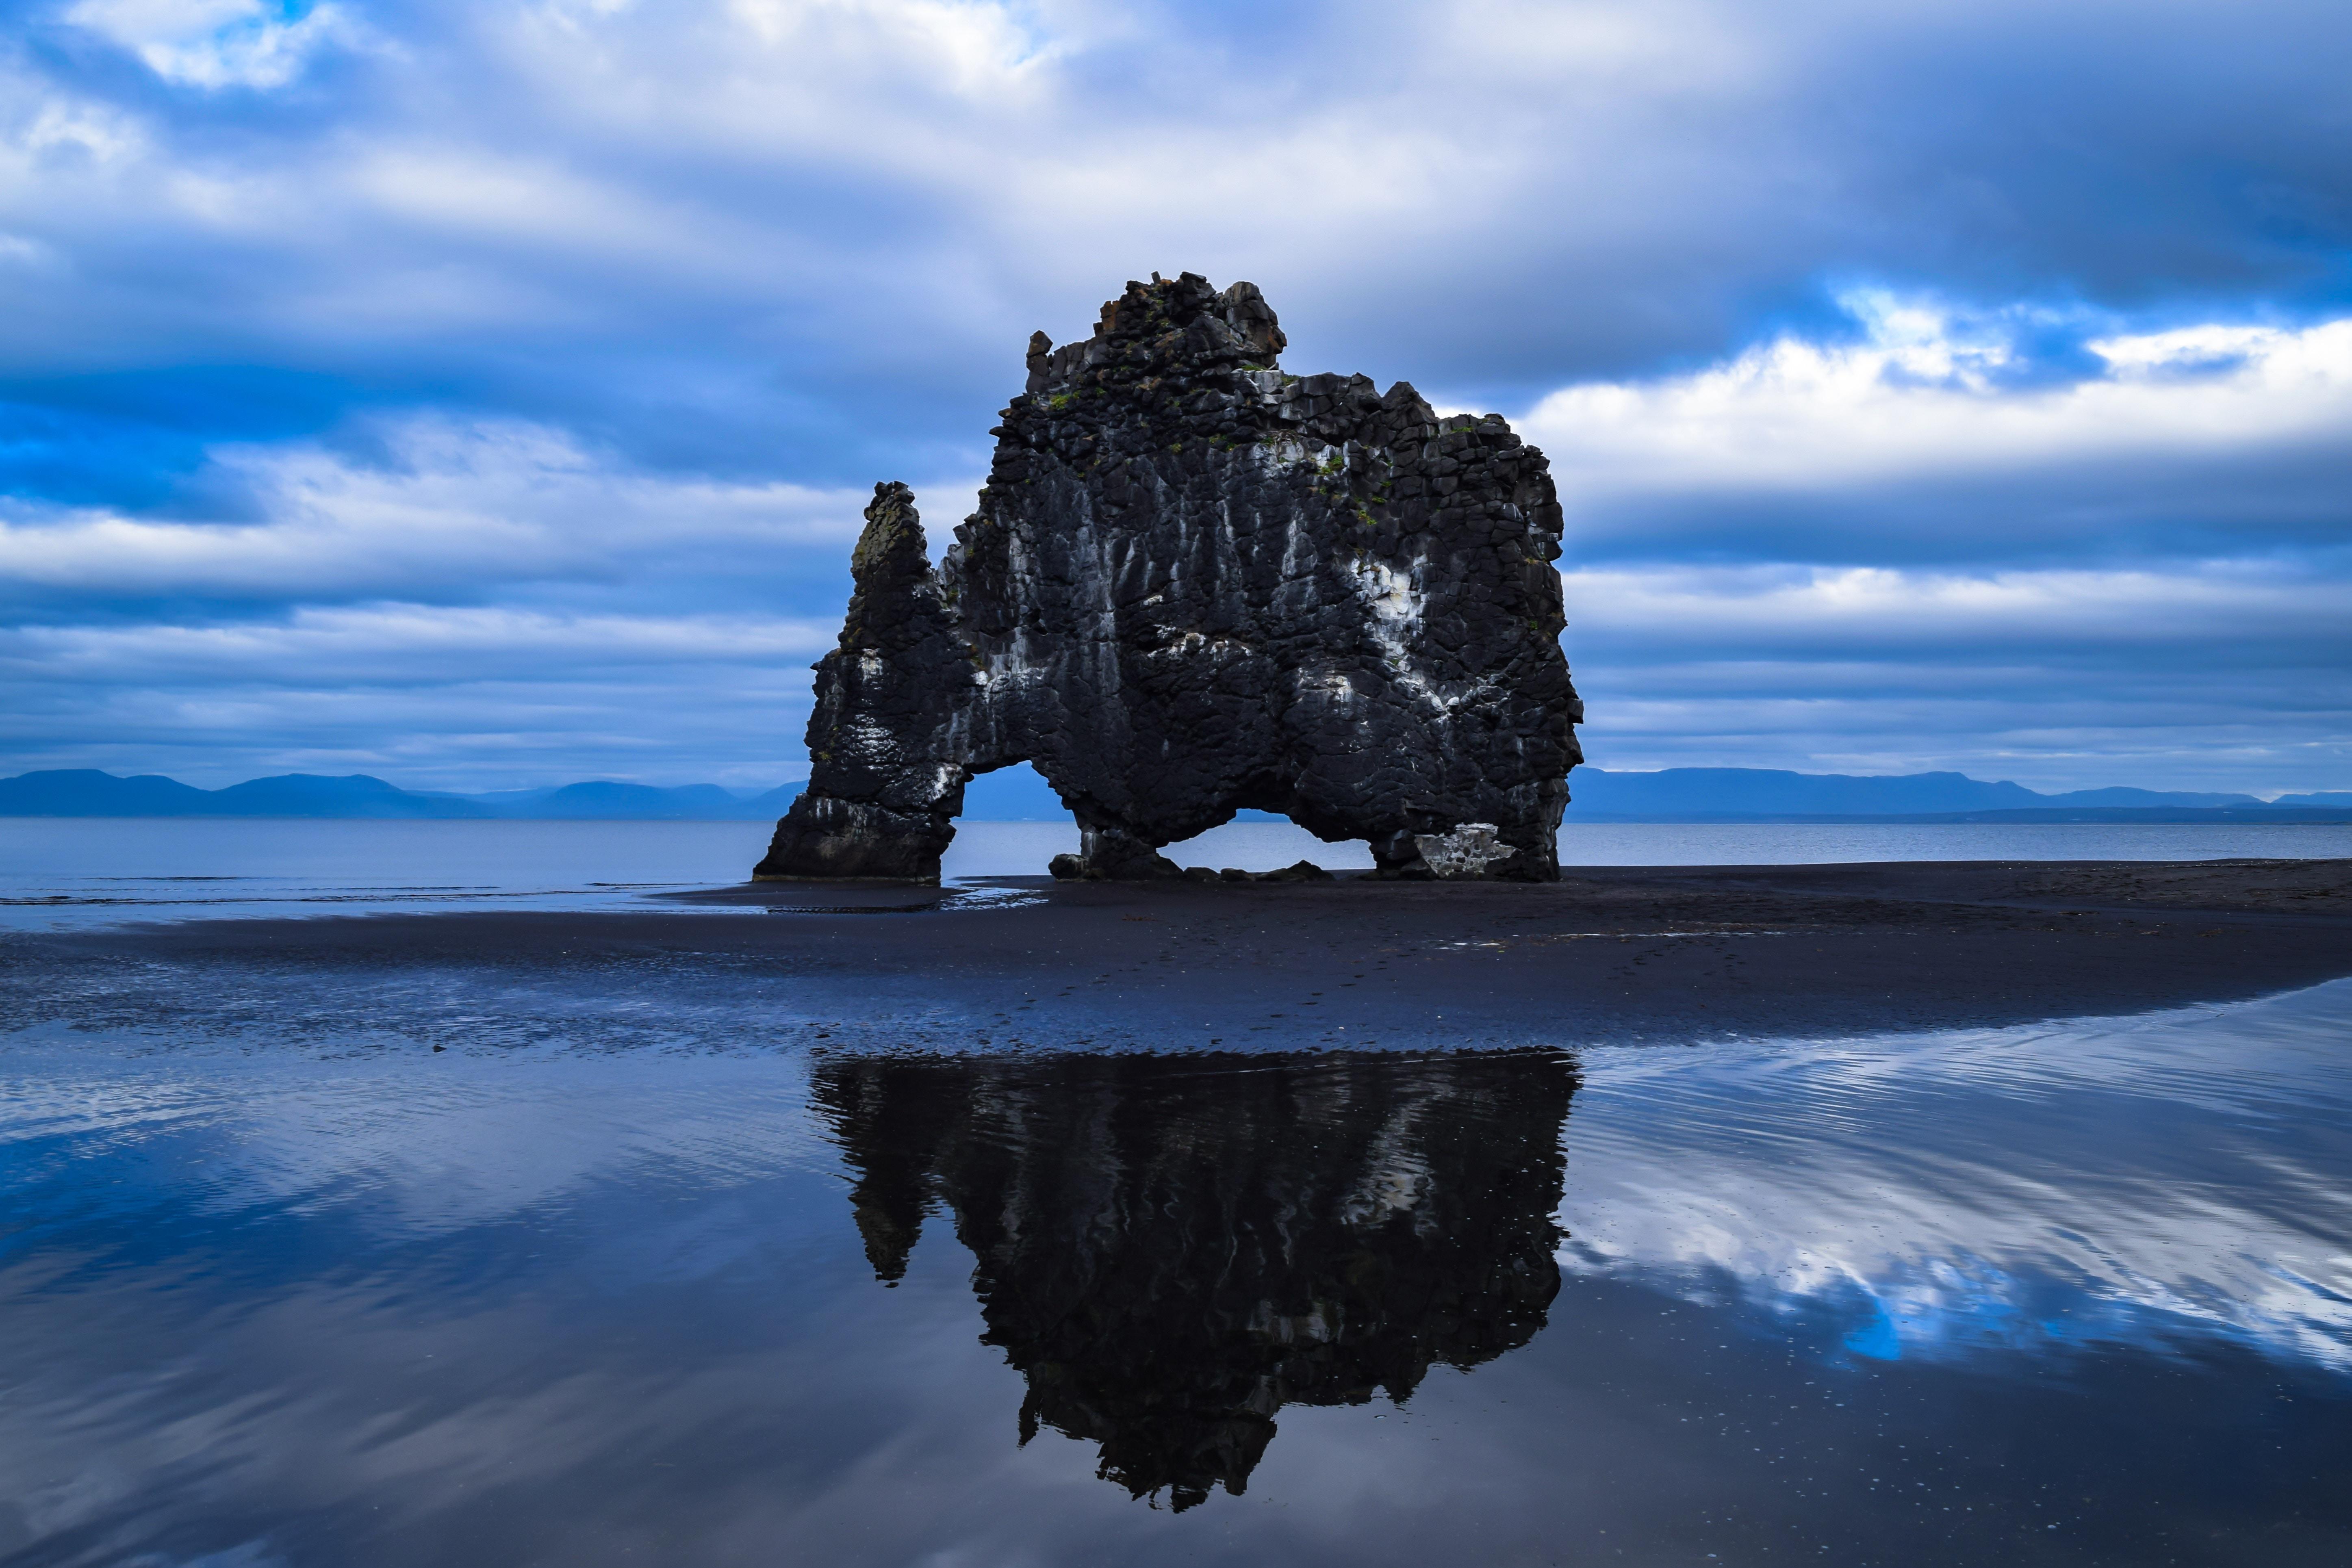 85407 Hintergrundbild 720x1280 kostenlos auf deinem Handy, lade Bilder Natur, Sea, Felsen, Rock, Ufer, Bank, Island, Basaltgestein, Basalt Rock, Hwitserkur, Khvitserkur 720x1280 auf dein Handy herunter